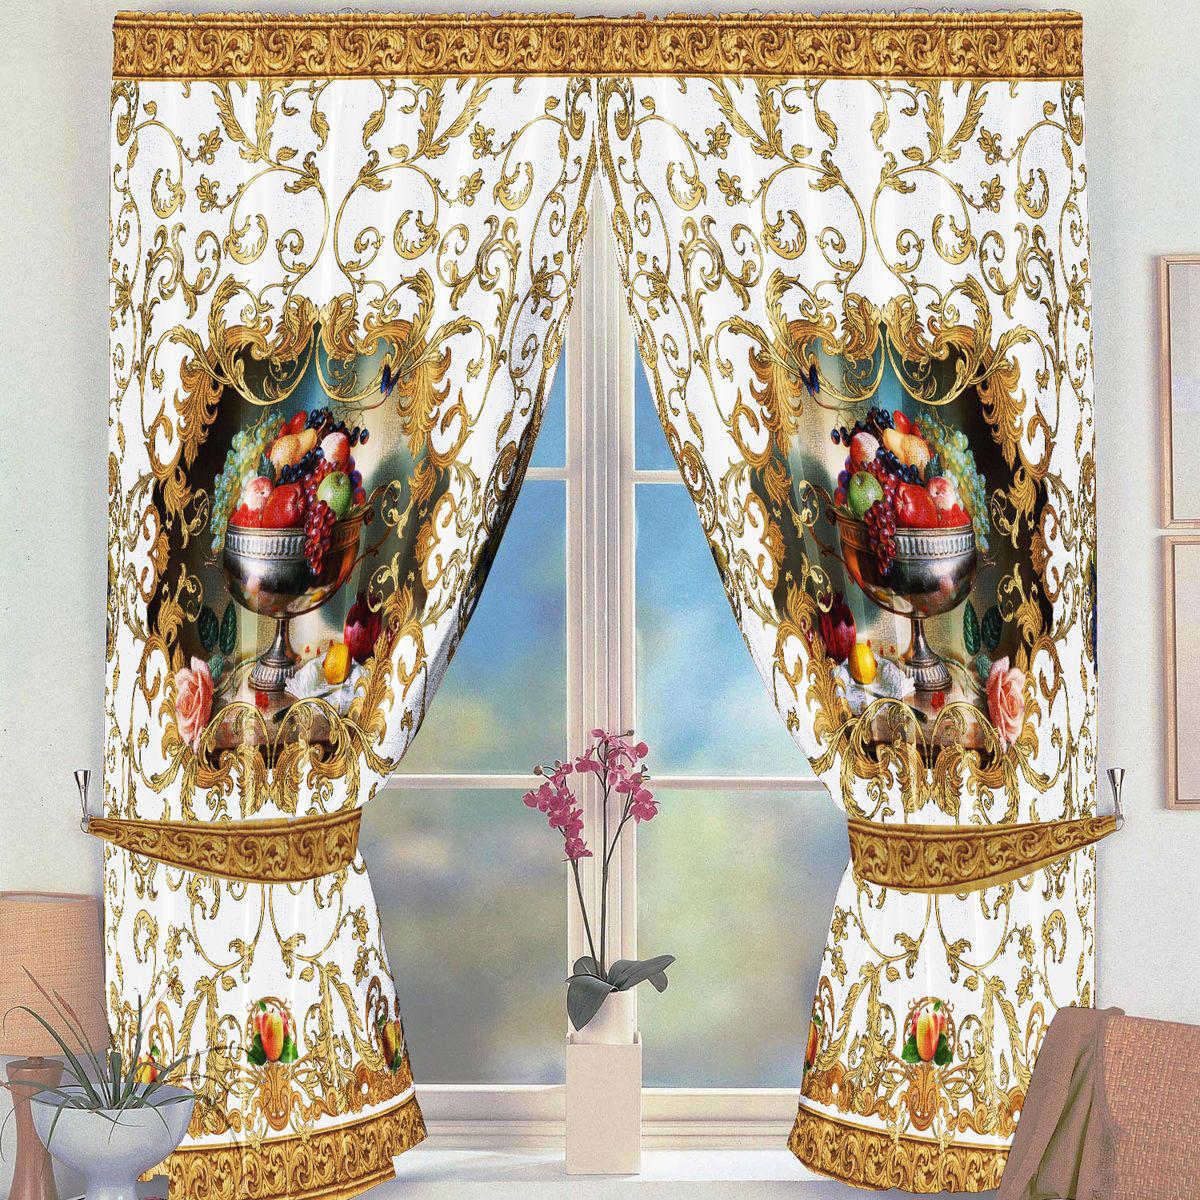 Комплект штор для кухни Zlata Korunka Фрукты, на ленте, цвет: бежевый, высота 160 см комплект штор для кухни zlata korunka на ленте цвет белый коричневый высота 170 см 333311